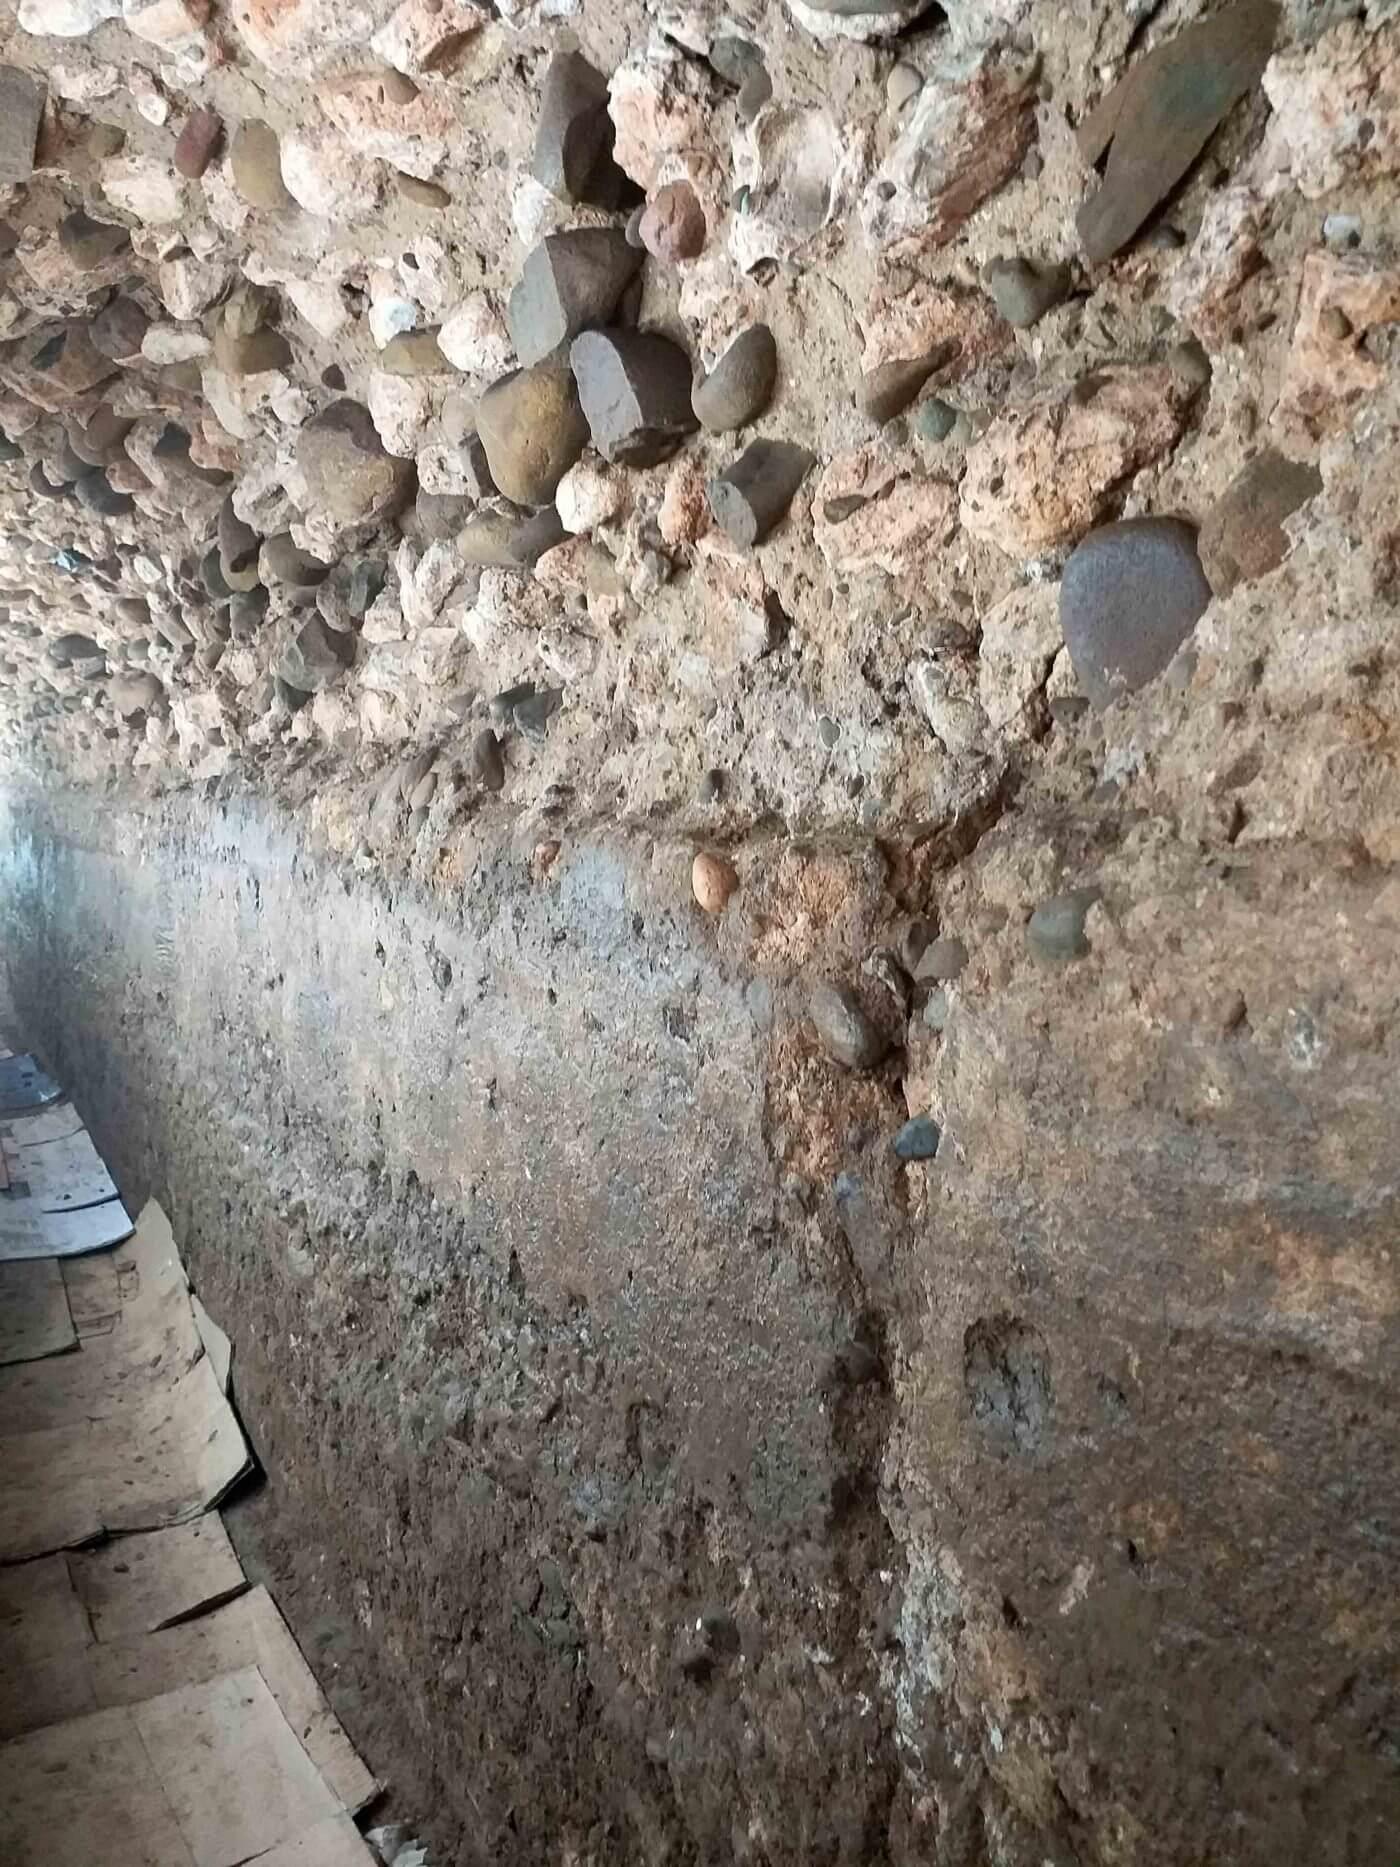 La campaña arqueológica en la cloaca romana de Calahorra ya ha excavado ocho nuevos metros que servirán para mejorar su conocimiento